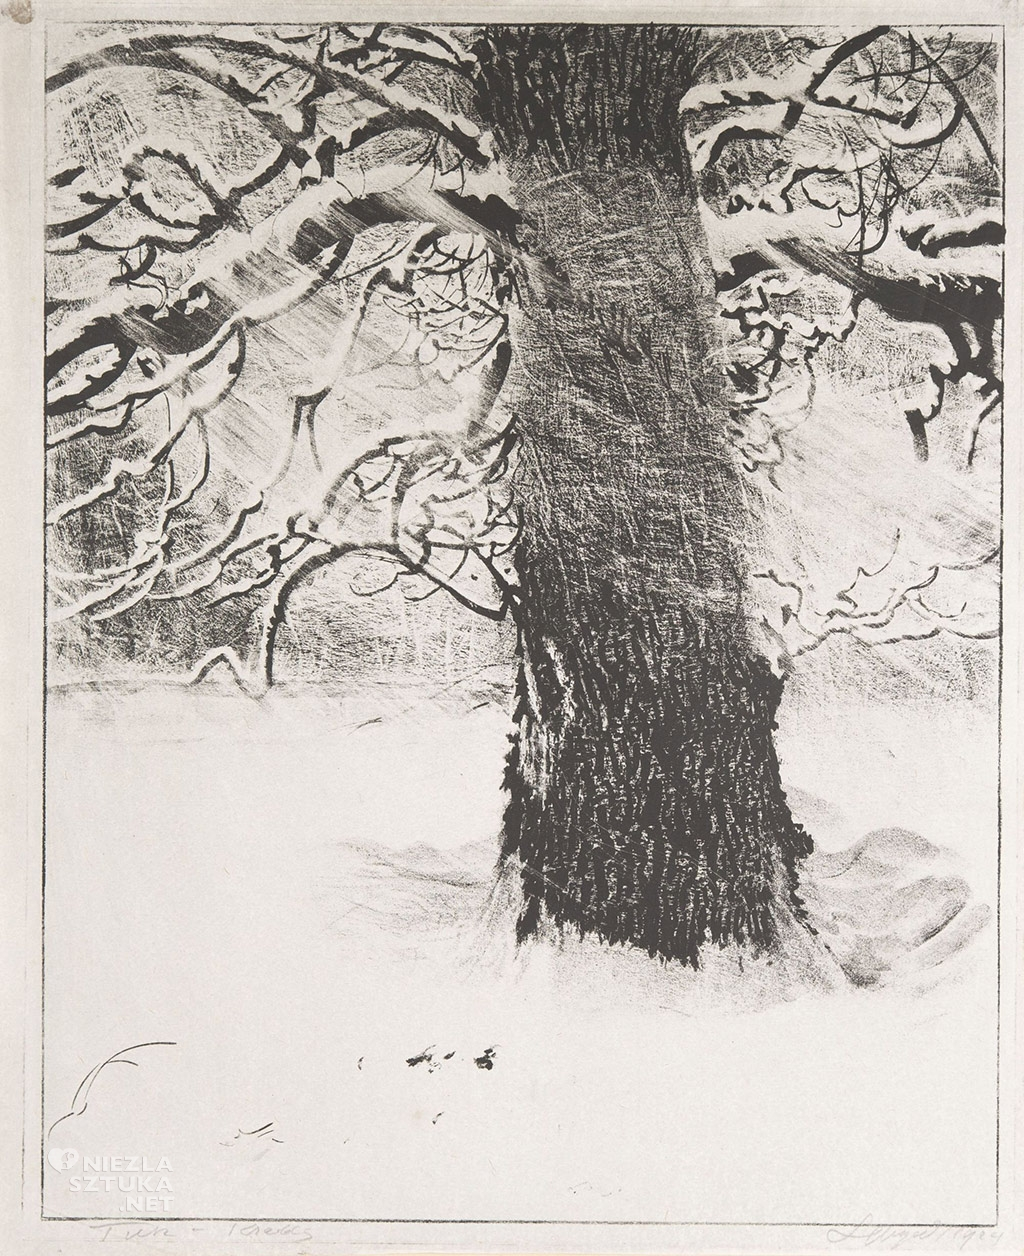 Leon Wyczółkowski, Dąb w śniegu, | 1929, litografia, tusz, kreda, ze zbiorów Muzeum Górnośląskiego